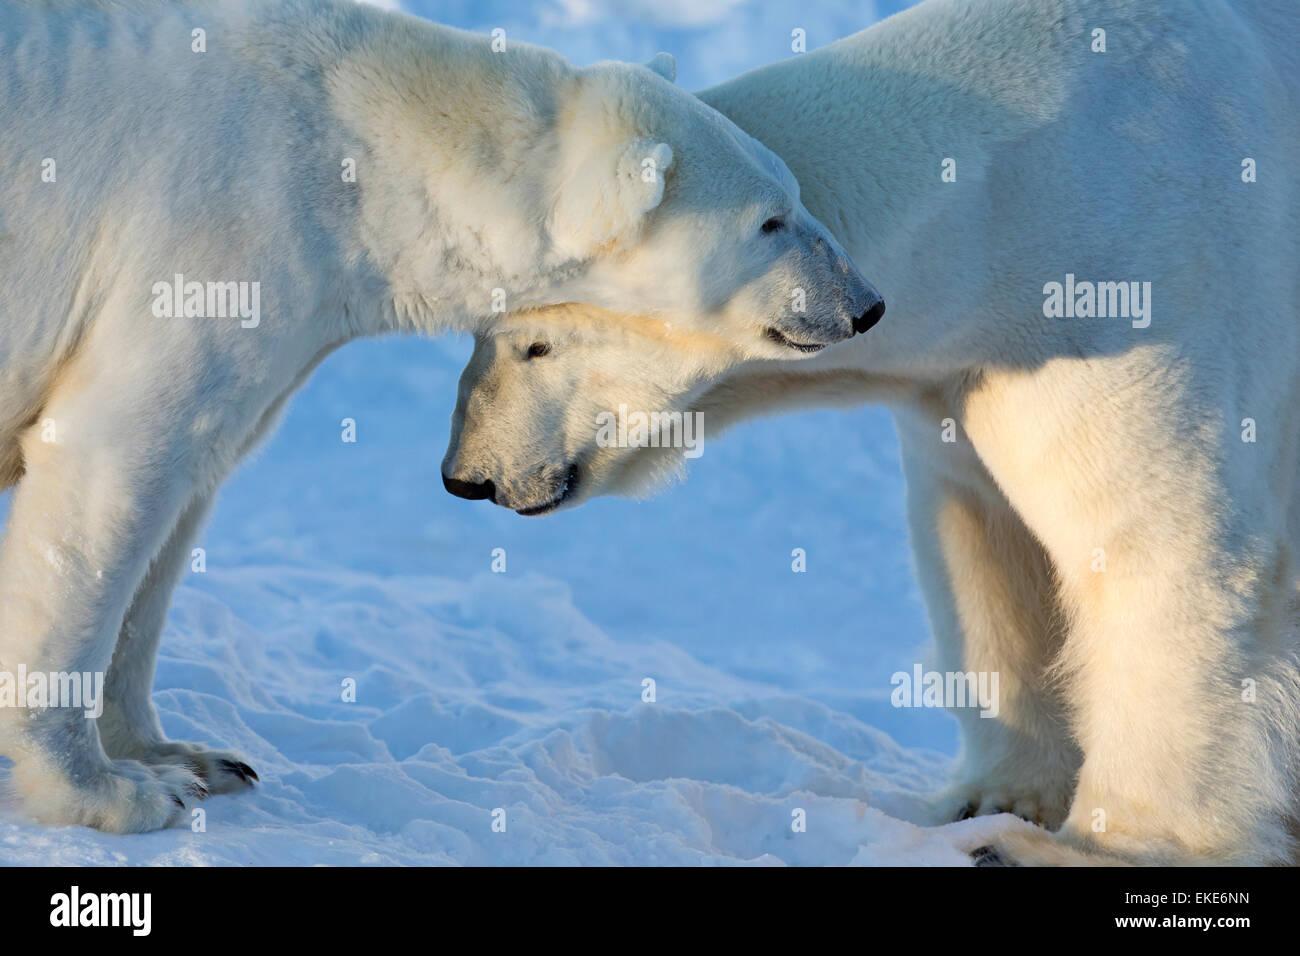 El oso polar (Ursus maritimus) masculino y femenino se juntan durante la temporada de apareamiento Imagen De Stock